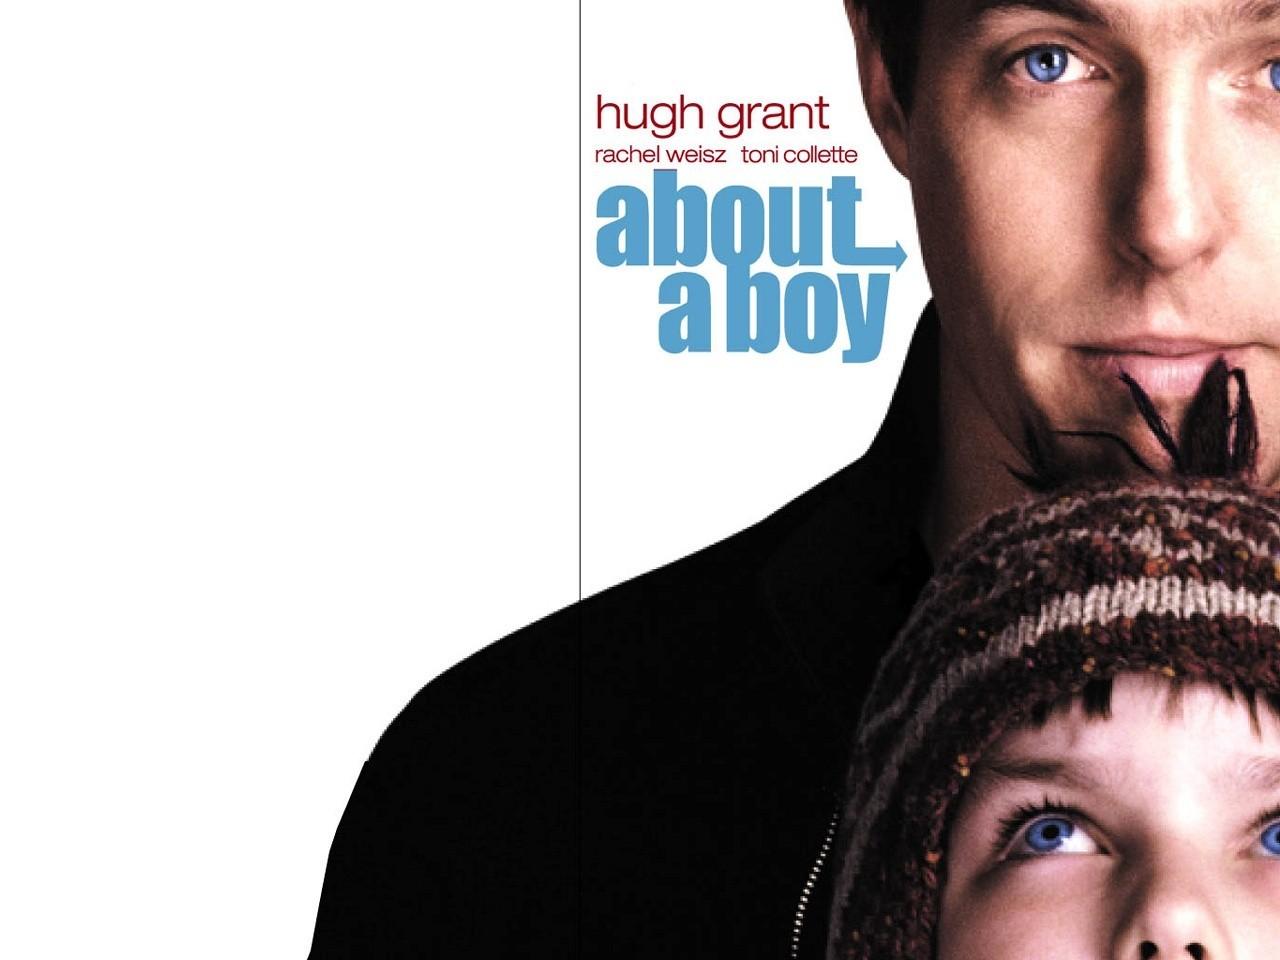 About_a_Boy_003